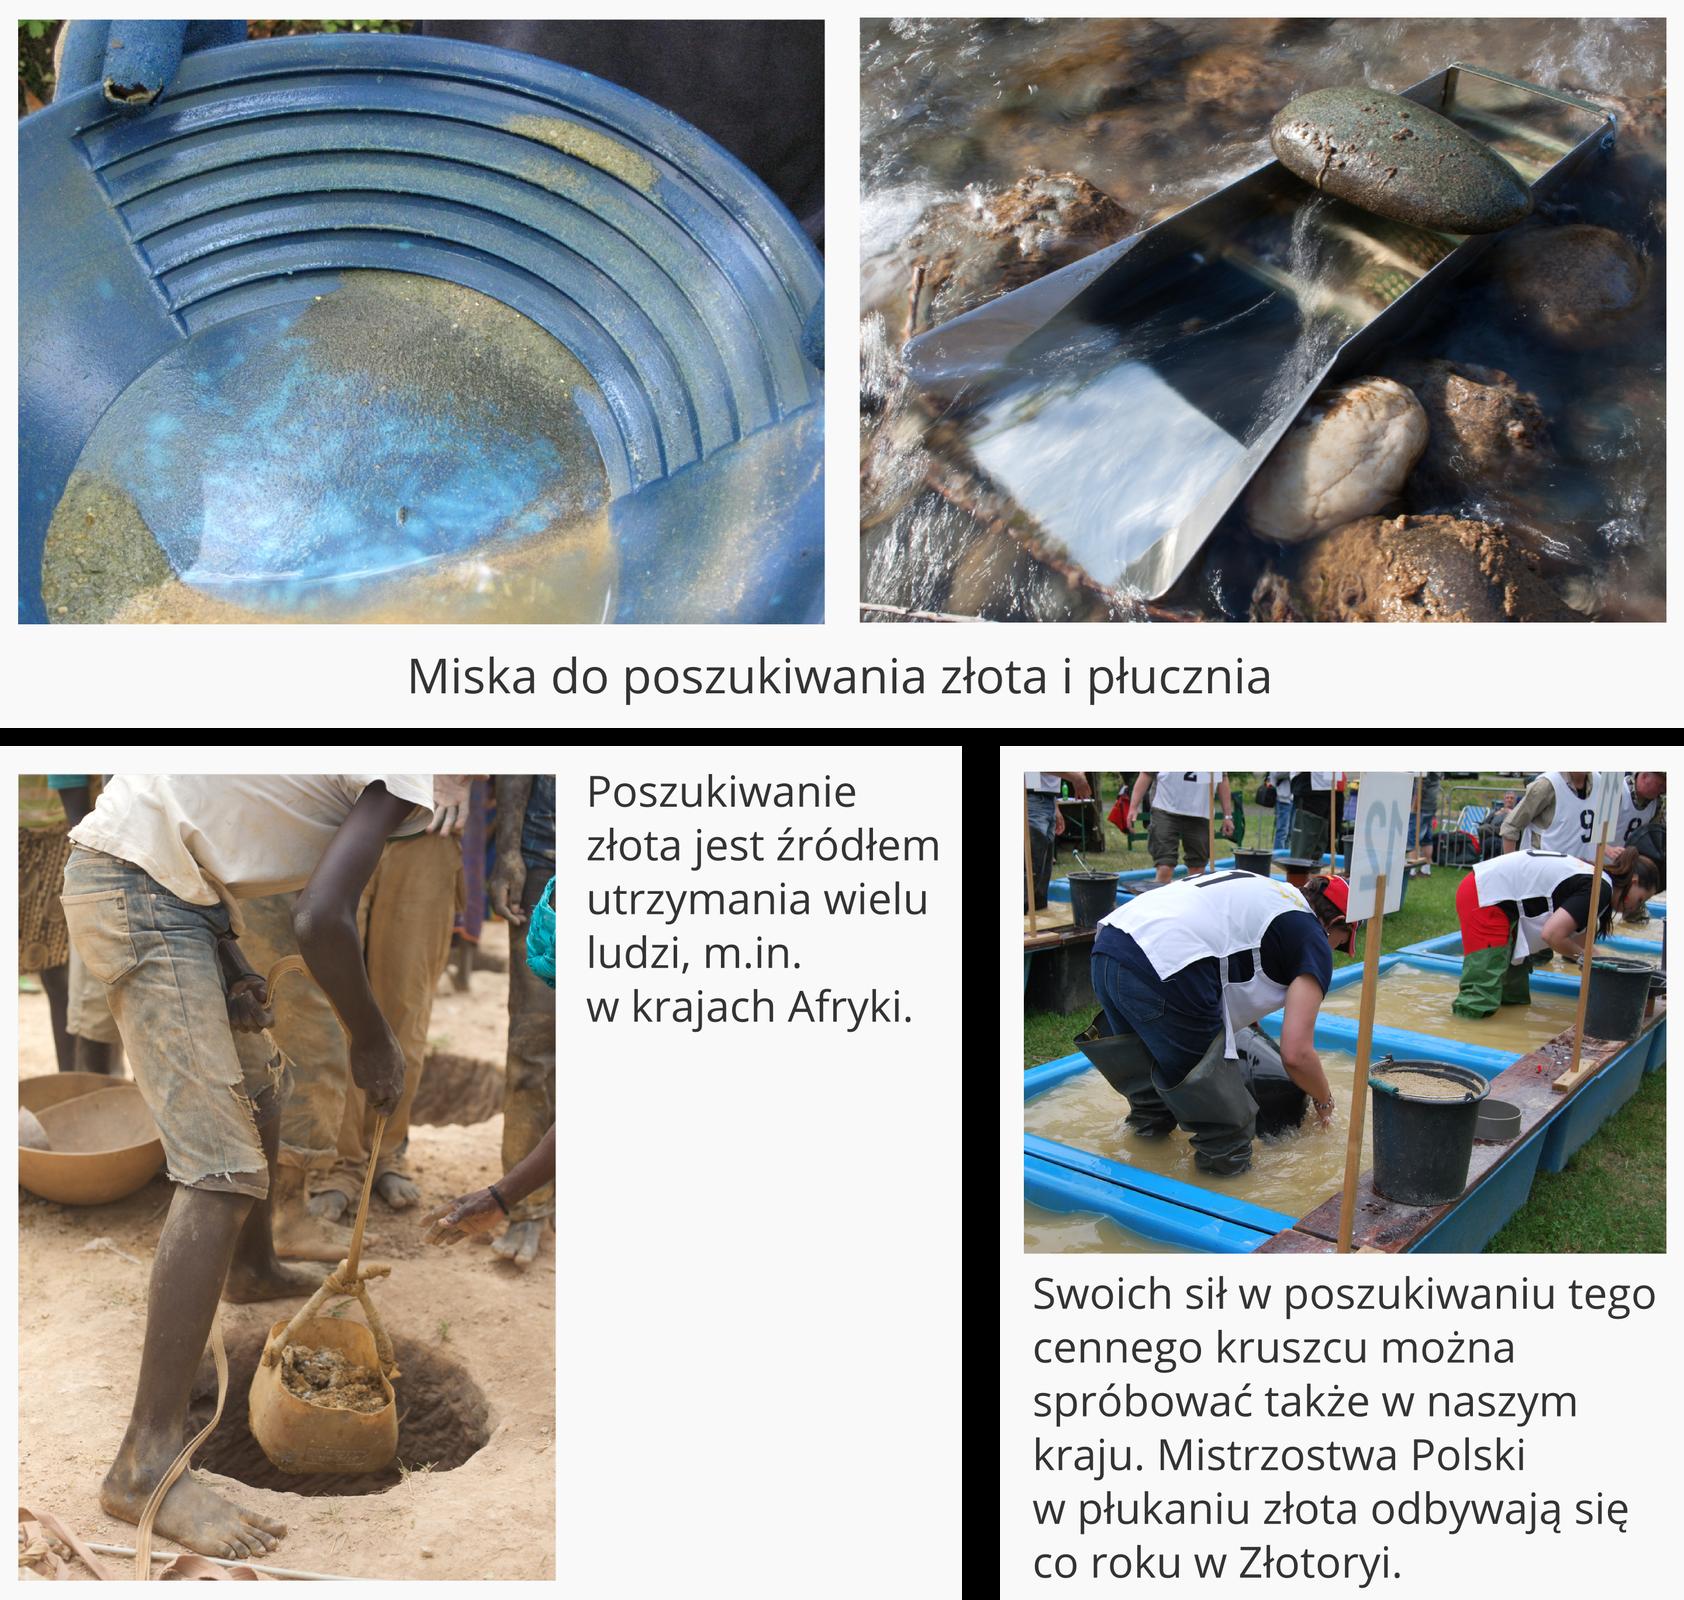 Ilustracja przedstawia cztery zdjęcia związane zposzukiwaniem złota. Dwa górne zdjęcia przedstawiają wzbliżeniu przyrządy do poszukiwania złota: płaską miskę do płukania ościankach ukształtowanych wschodki oraz płucznię, czyli metalowe podłużne korytko montowane wnurcie rzeki pełniące podobną rolę, jak miska. Poniżej widoczne są dwa zdjęcia. Lewe przedstawia czarnoskórego mężczyznę wydobywającego zdziury wziemi zawieszony na sznurze worek zkopalinami. Podpis obok tego zdjęcia głosi: Poszukiwanie złota jest źródłem utrzymania wielu ludzi między innymi wkrajach Afryki. Zdjęcie po prawej stronie przedstawia zawody wpłukaniu złota. Szereg umieszczonych obok siebie ponumerowanych stanowisk wypełnionych jest mętną wodą. Wkażdym stoi jeden zawodnik pochylony zmisą, obok ma wiadro iinne narzędzia. Podpis głosi: Swoich sił wposzukiwaniu tego cennego kruszcu można spróbować także wnaszym kraju. Mistrzostwa Polski wpłukaniu złota odbywają się co roku wZłotoryi.